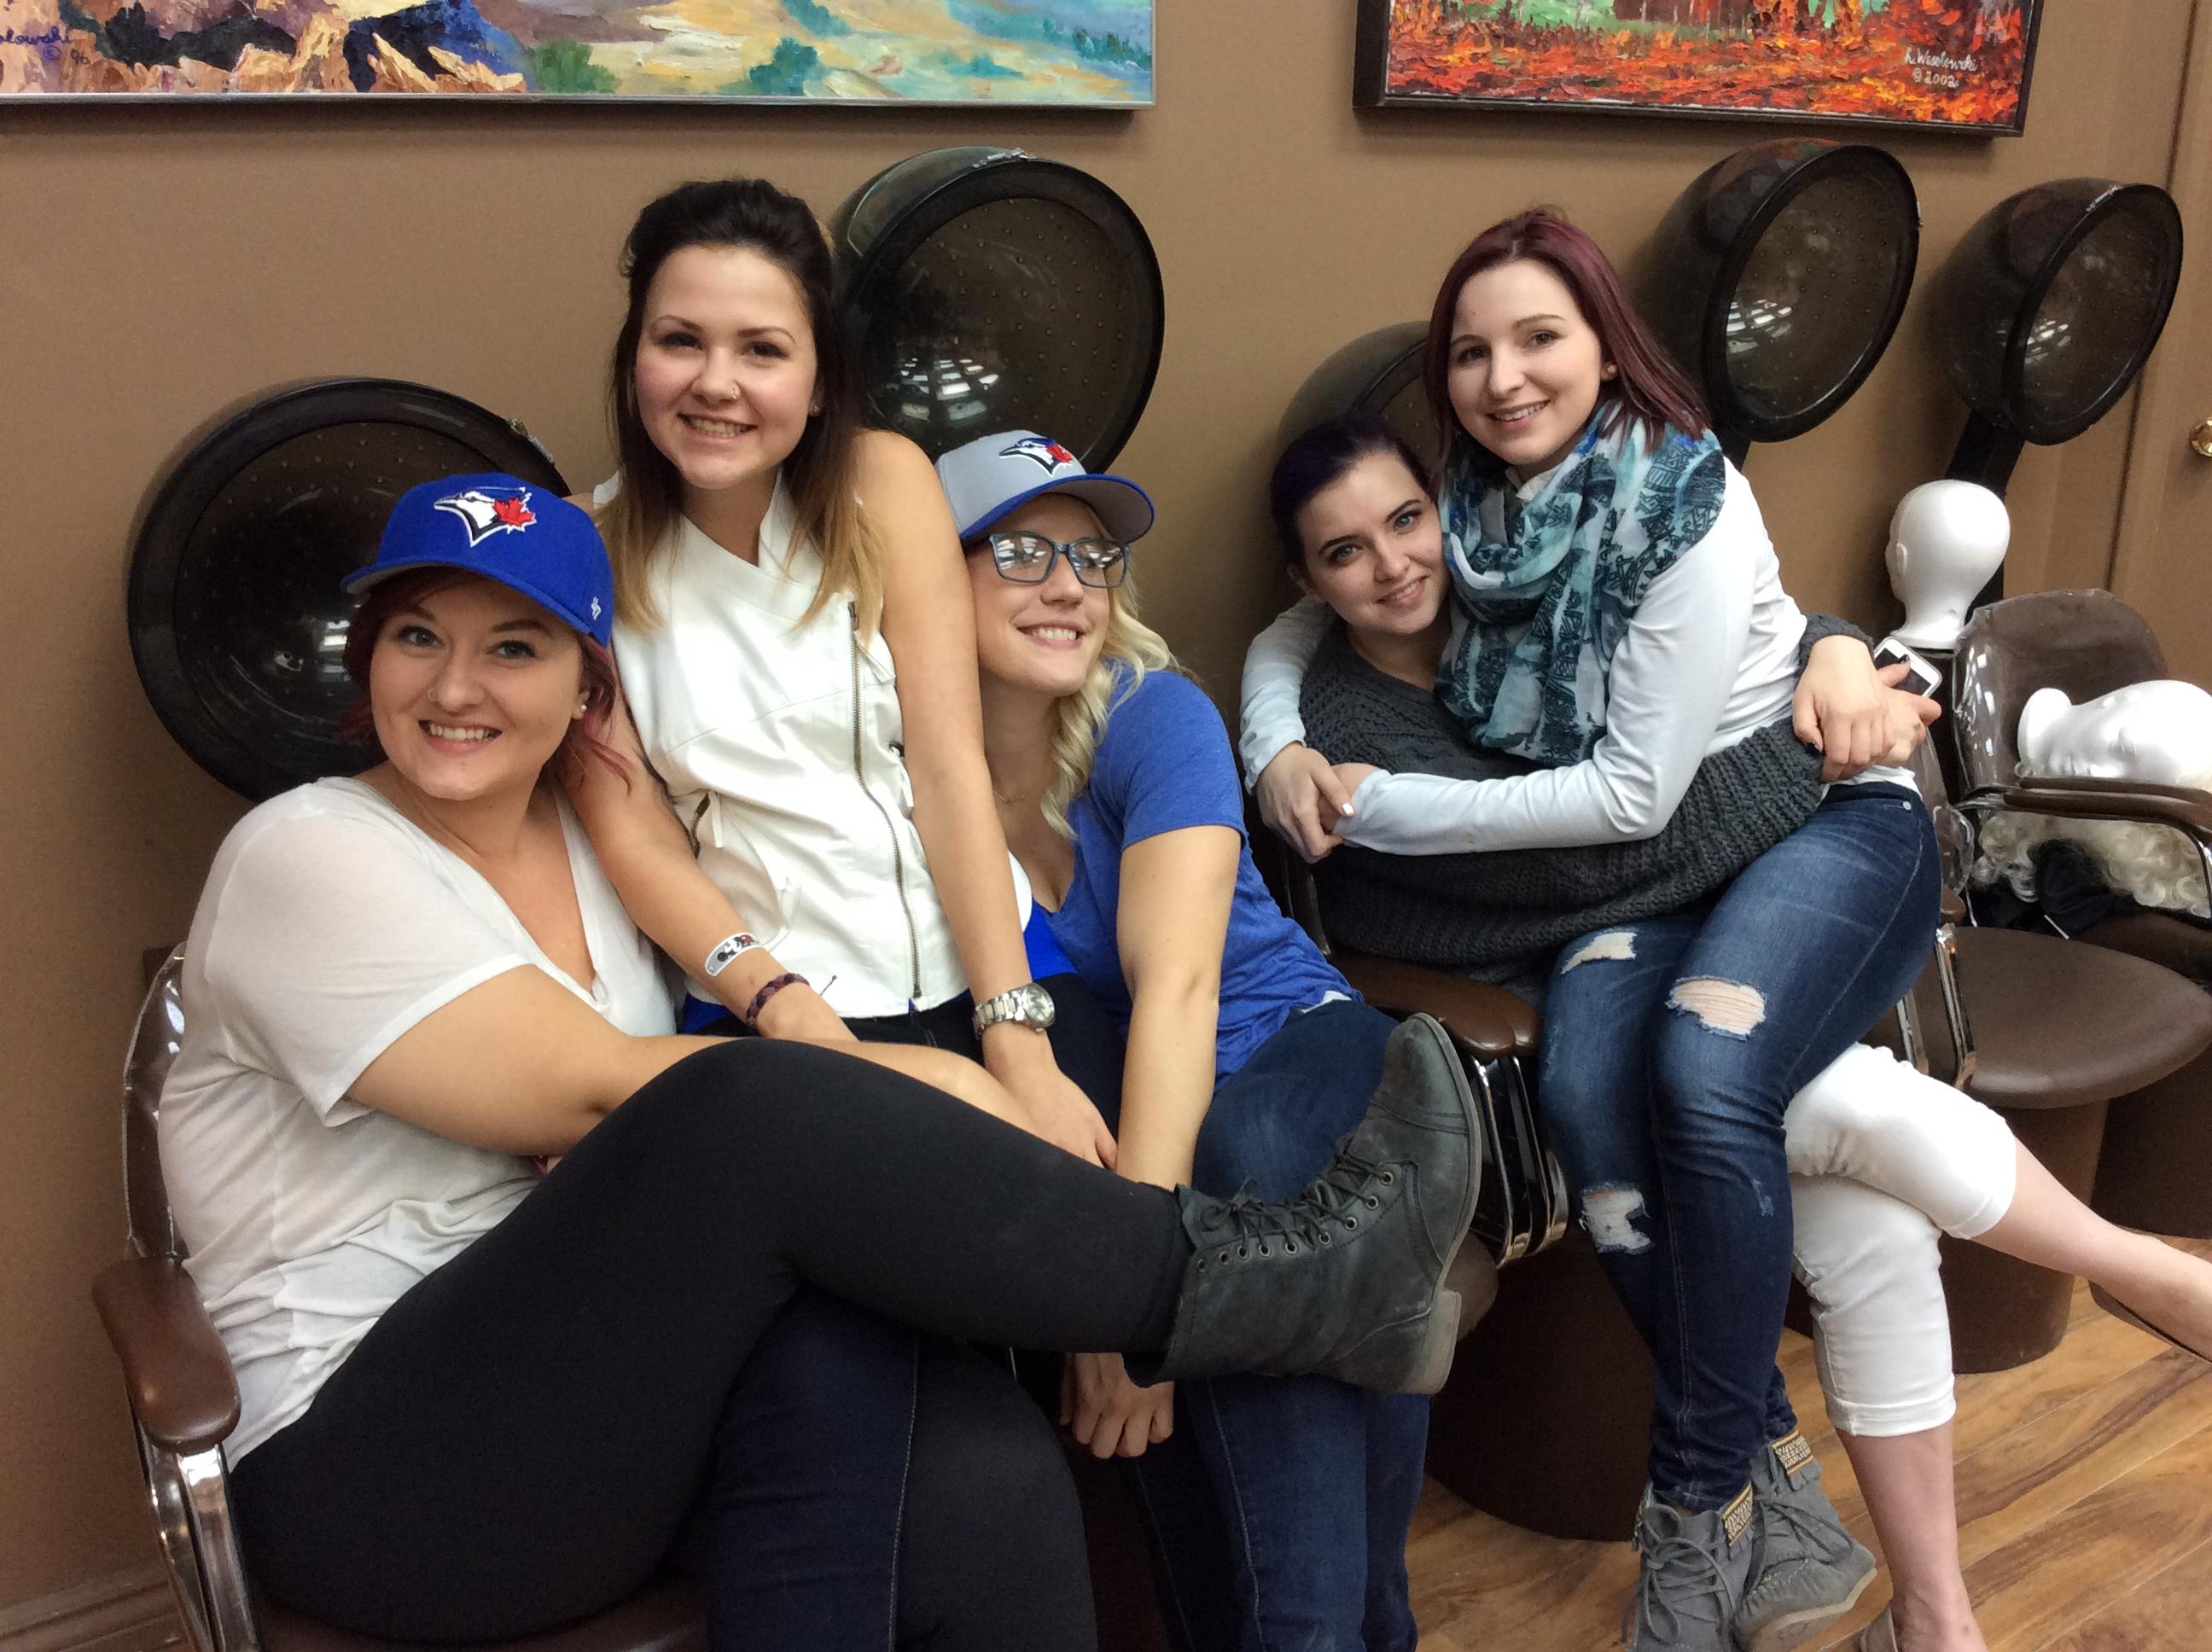 Team hairstyle inn saskatoon